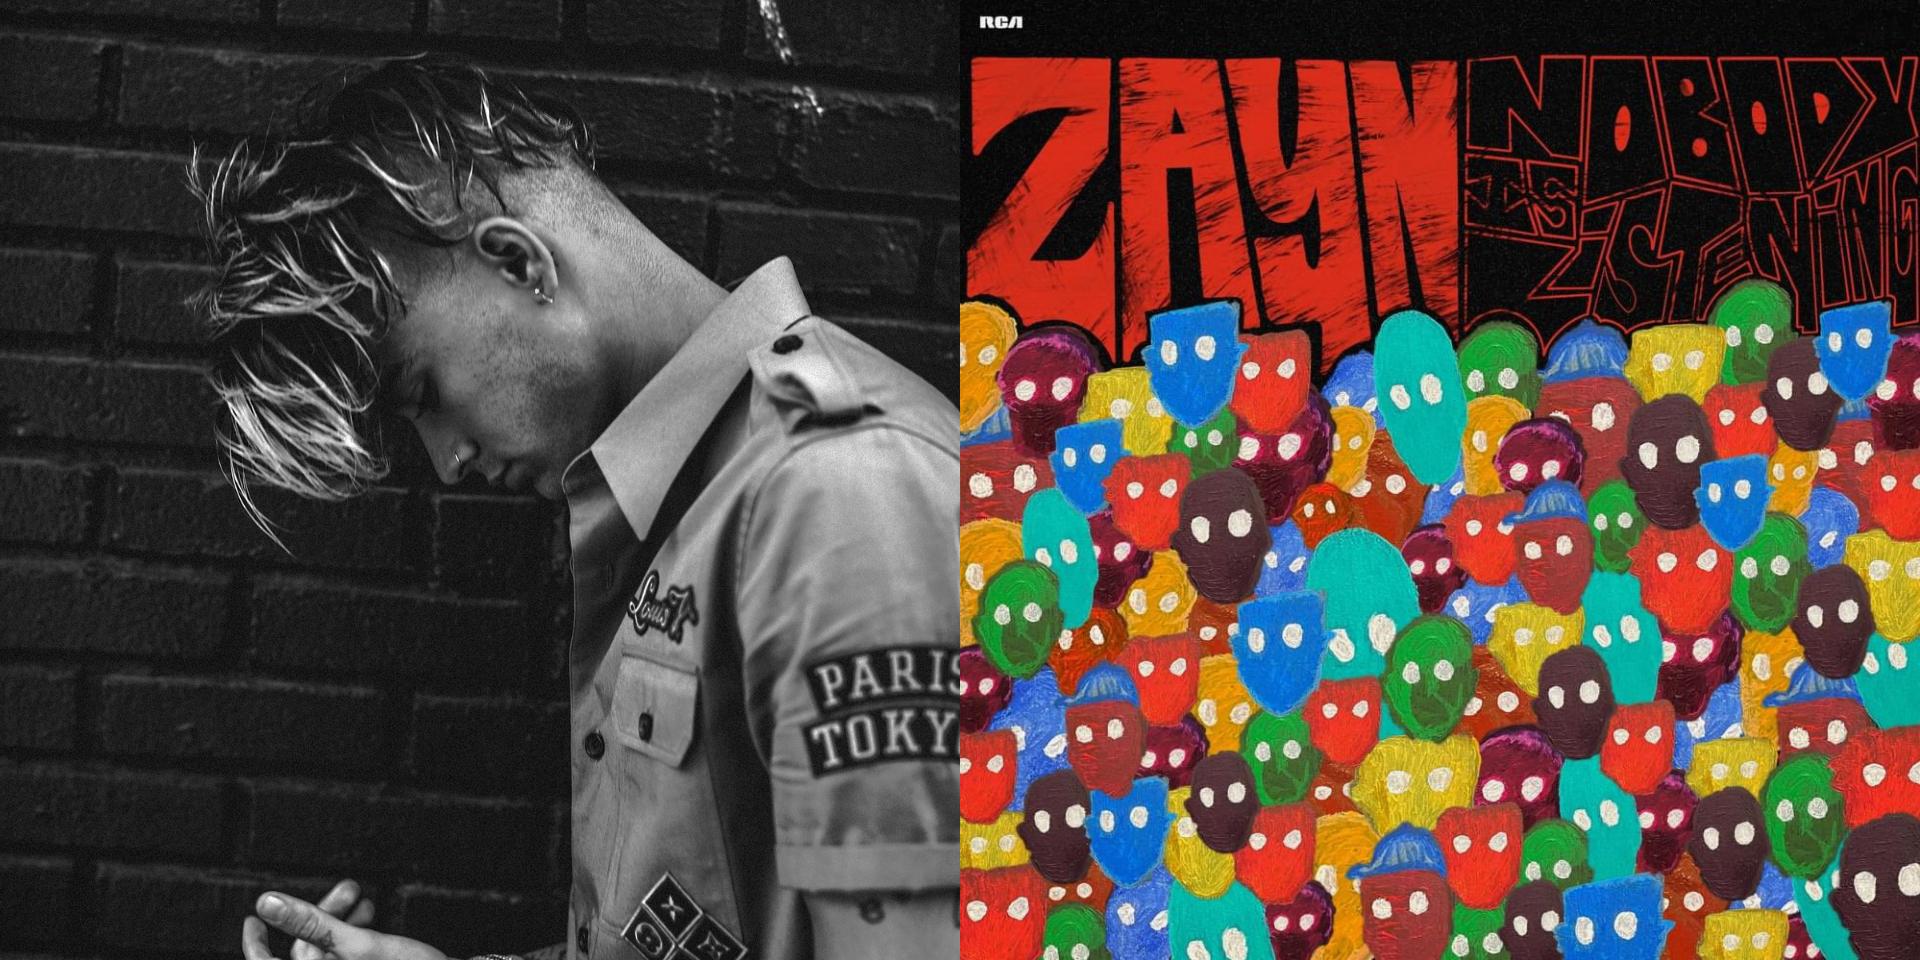 Zayn Malik's new album Nobody Is Listening